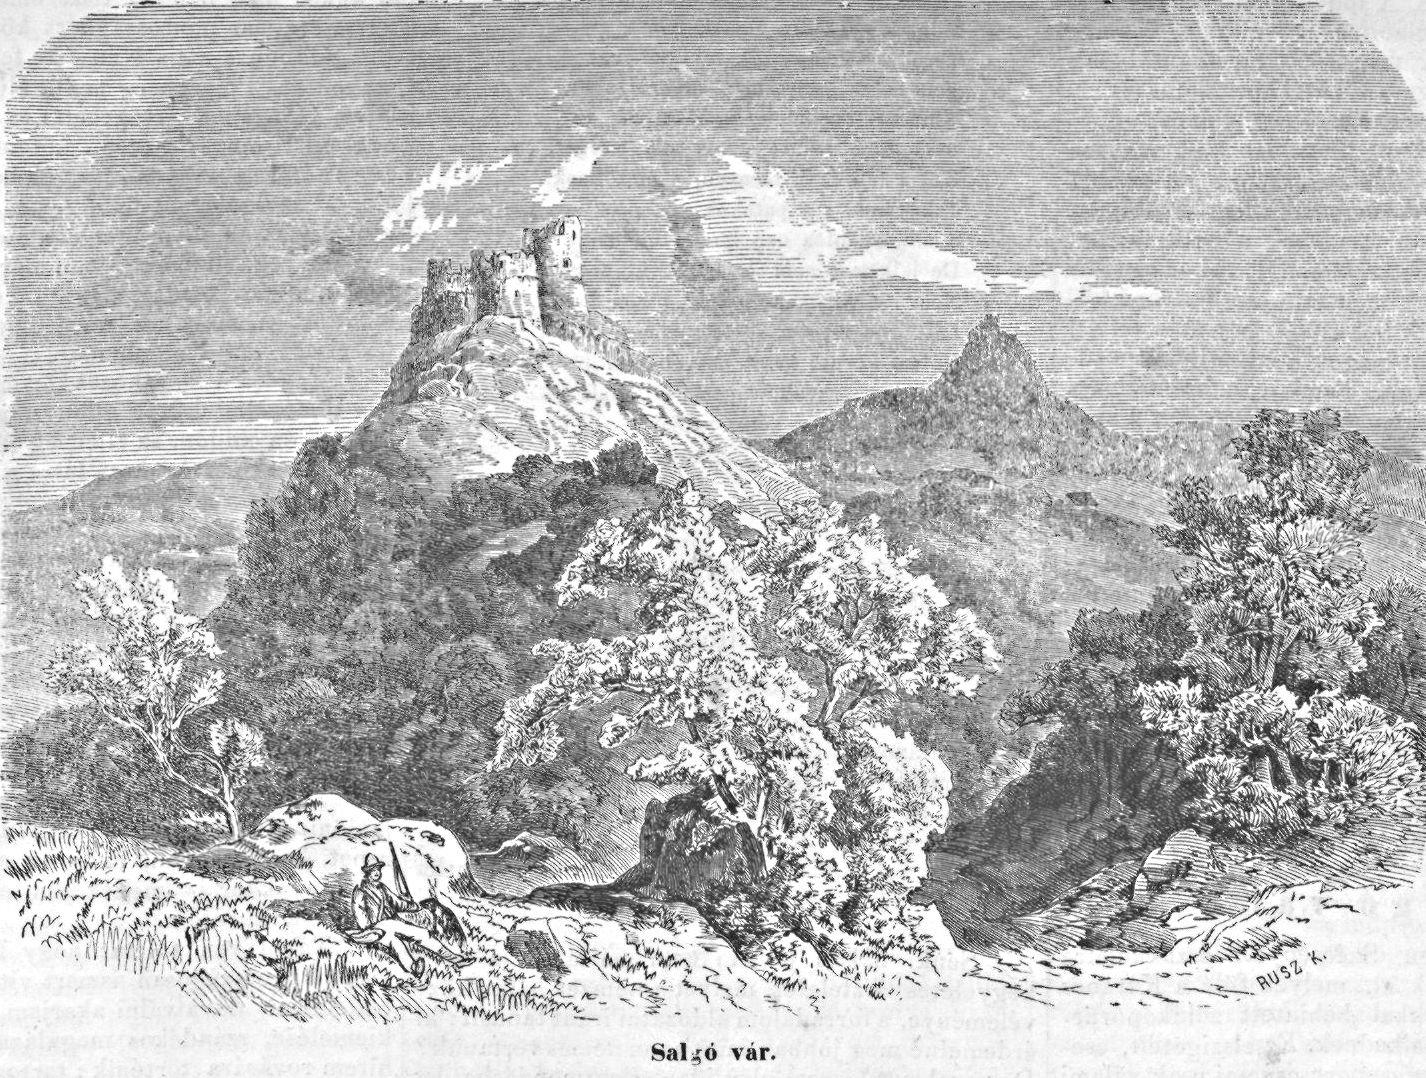 Metszet Salgó váráról a Vasárnapi Újság 1867. évfolyamában